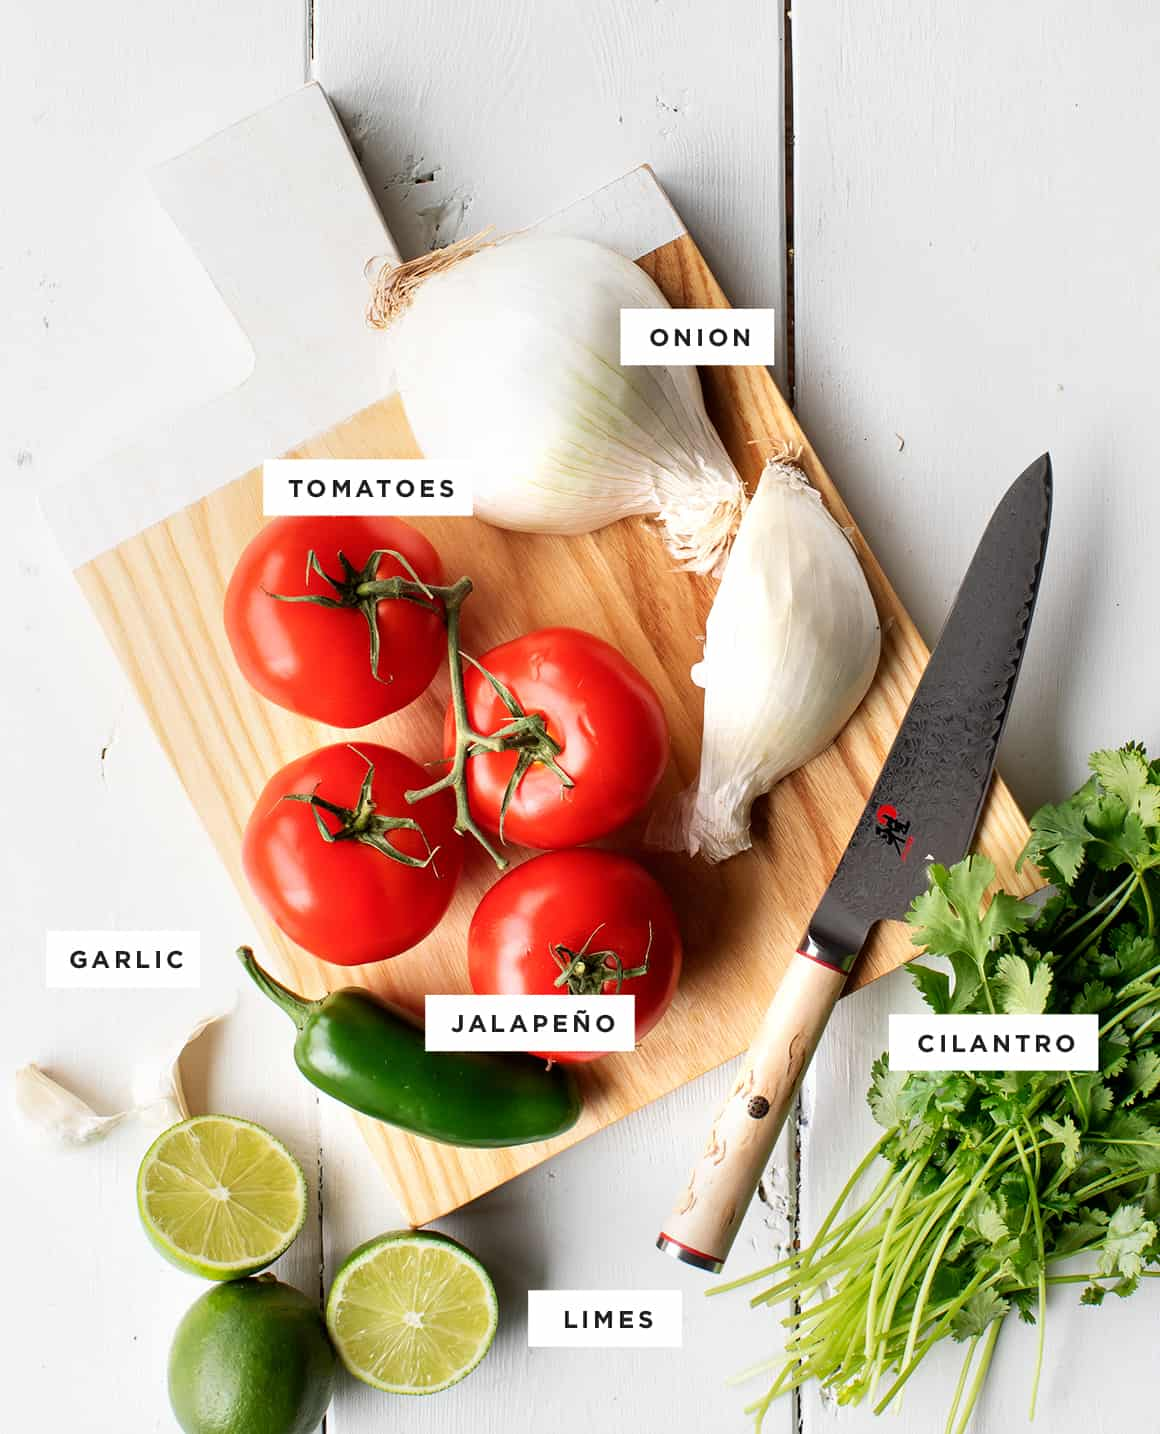 Pico de gallo recipe ingredients